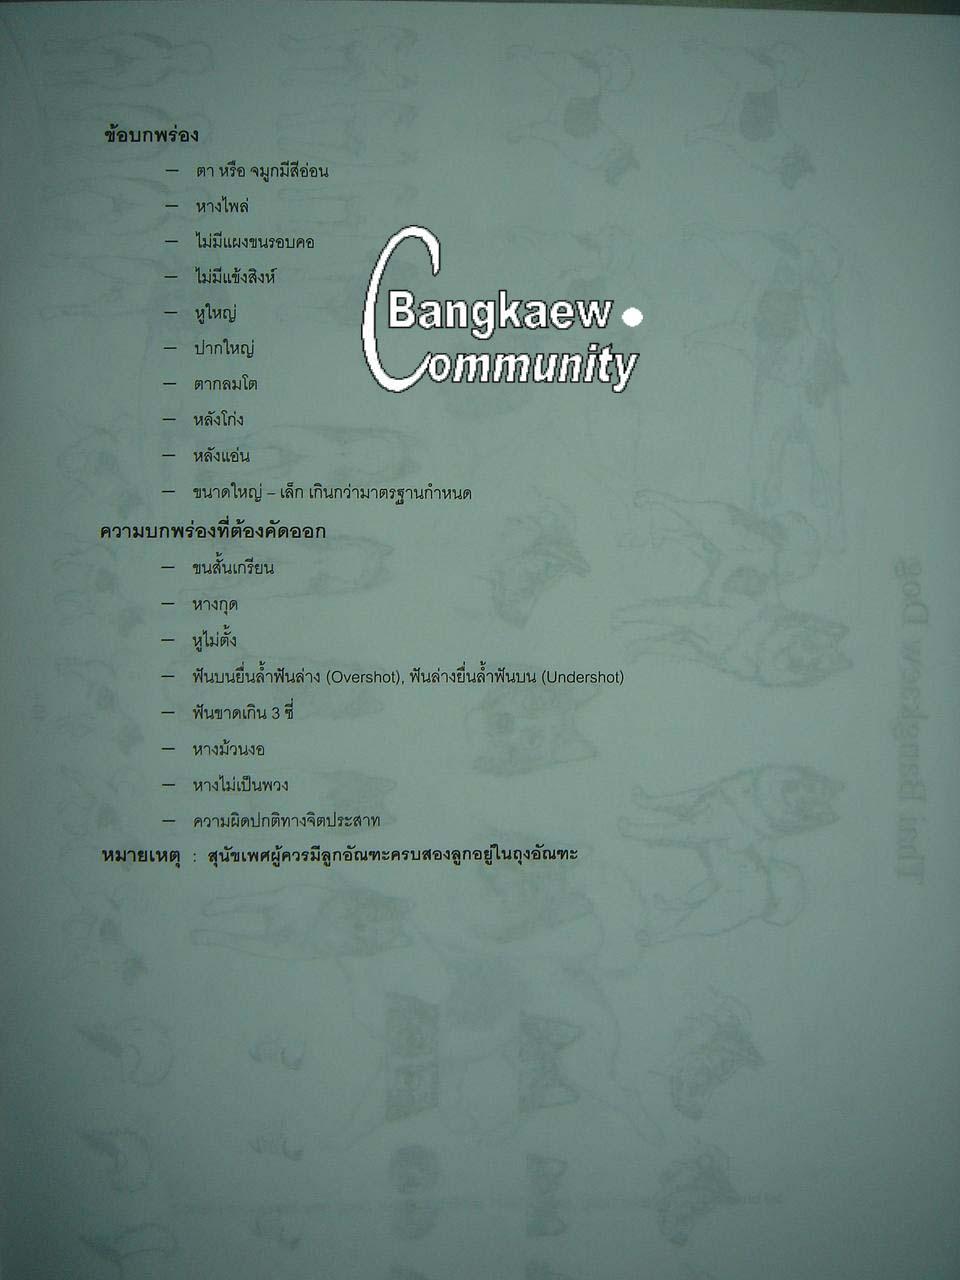 http://www.bangkaew.com/elearning/Standard/DSC00224.JPG